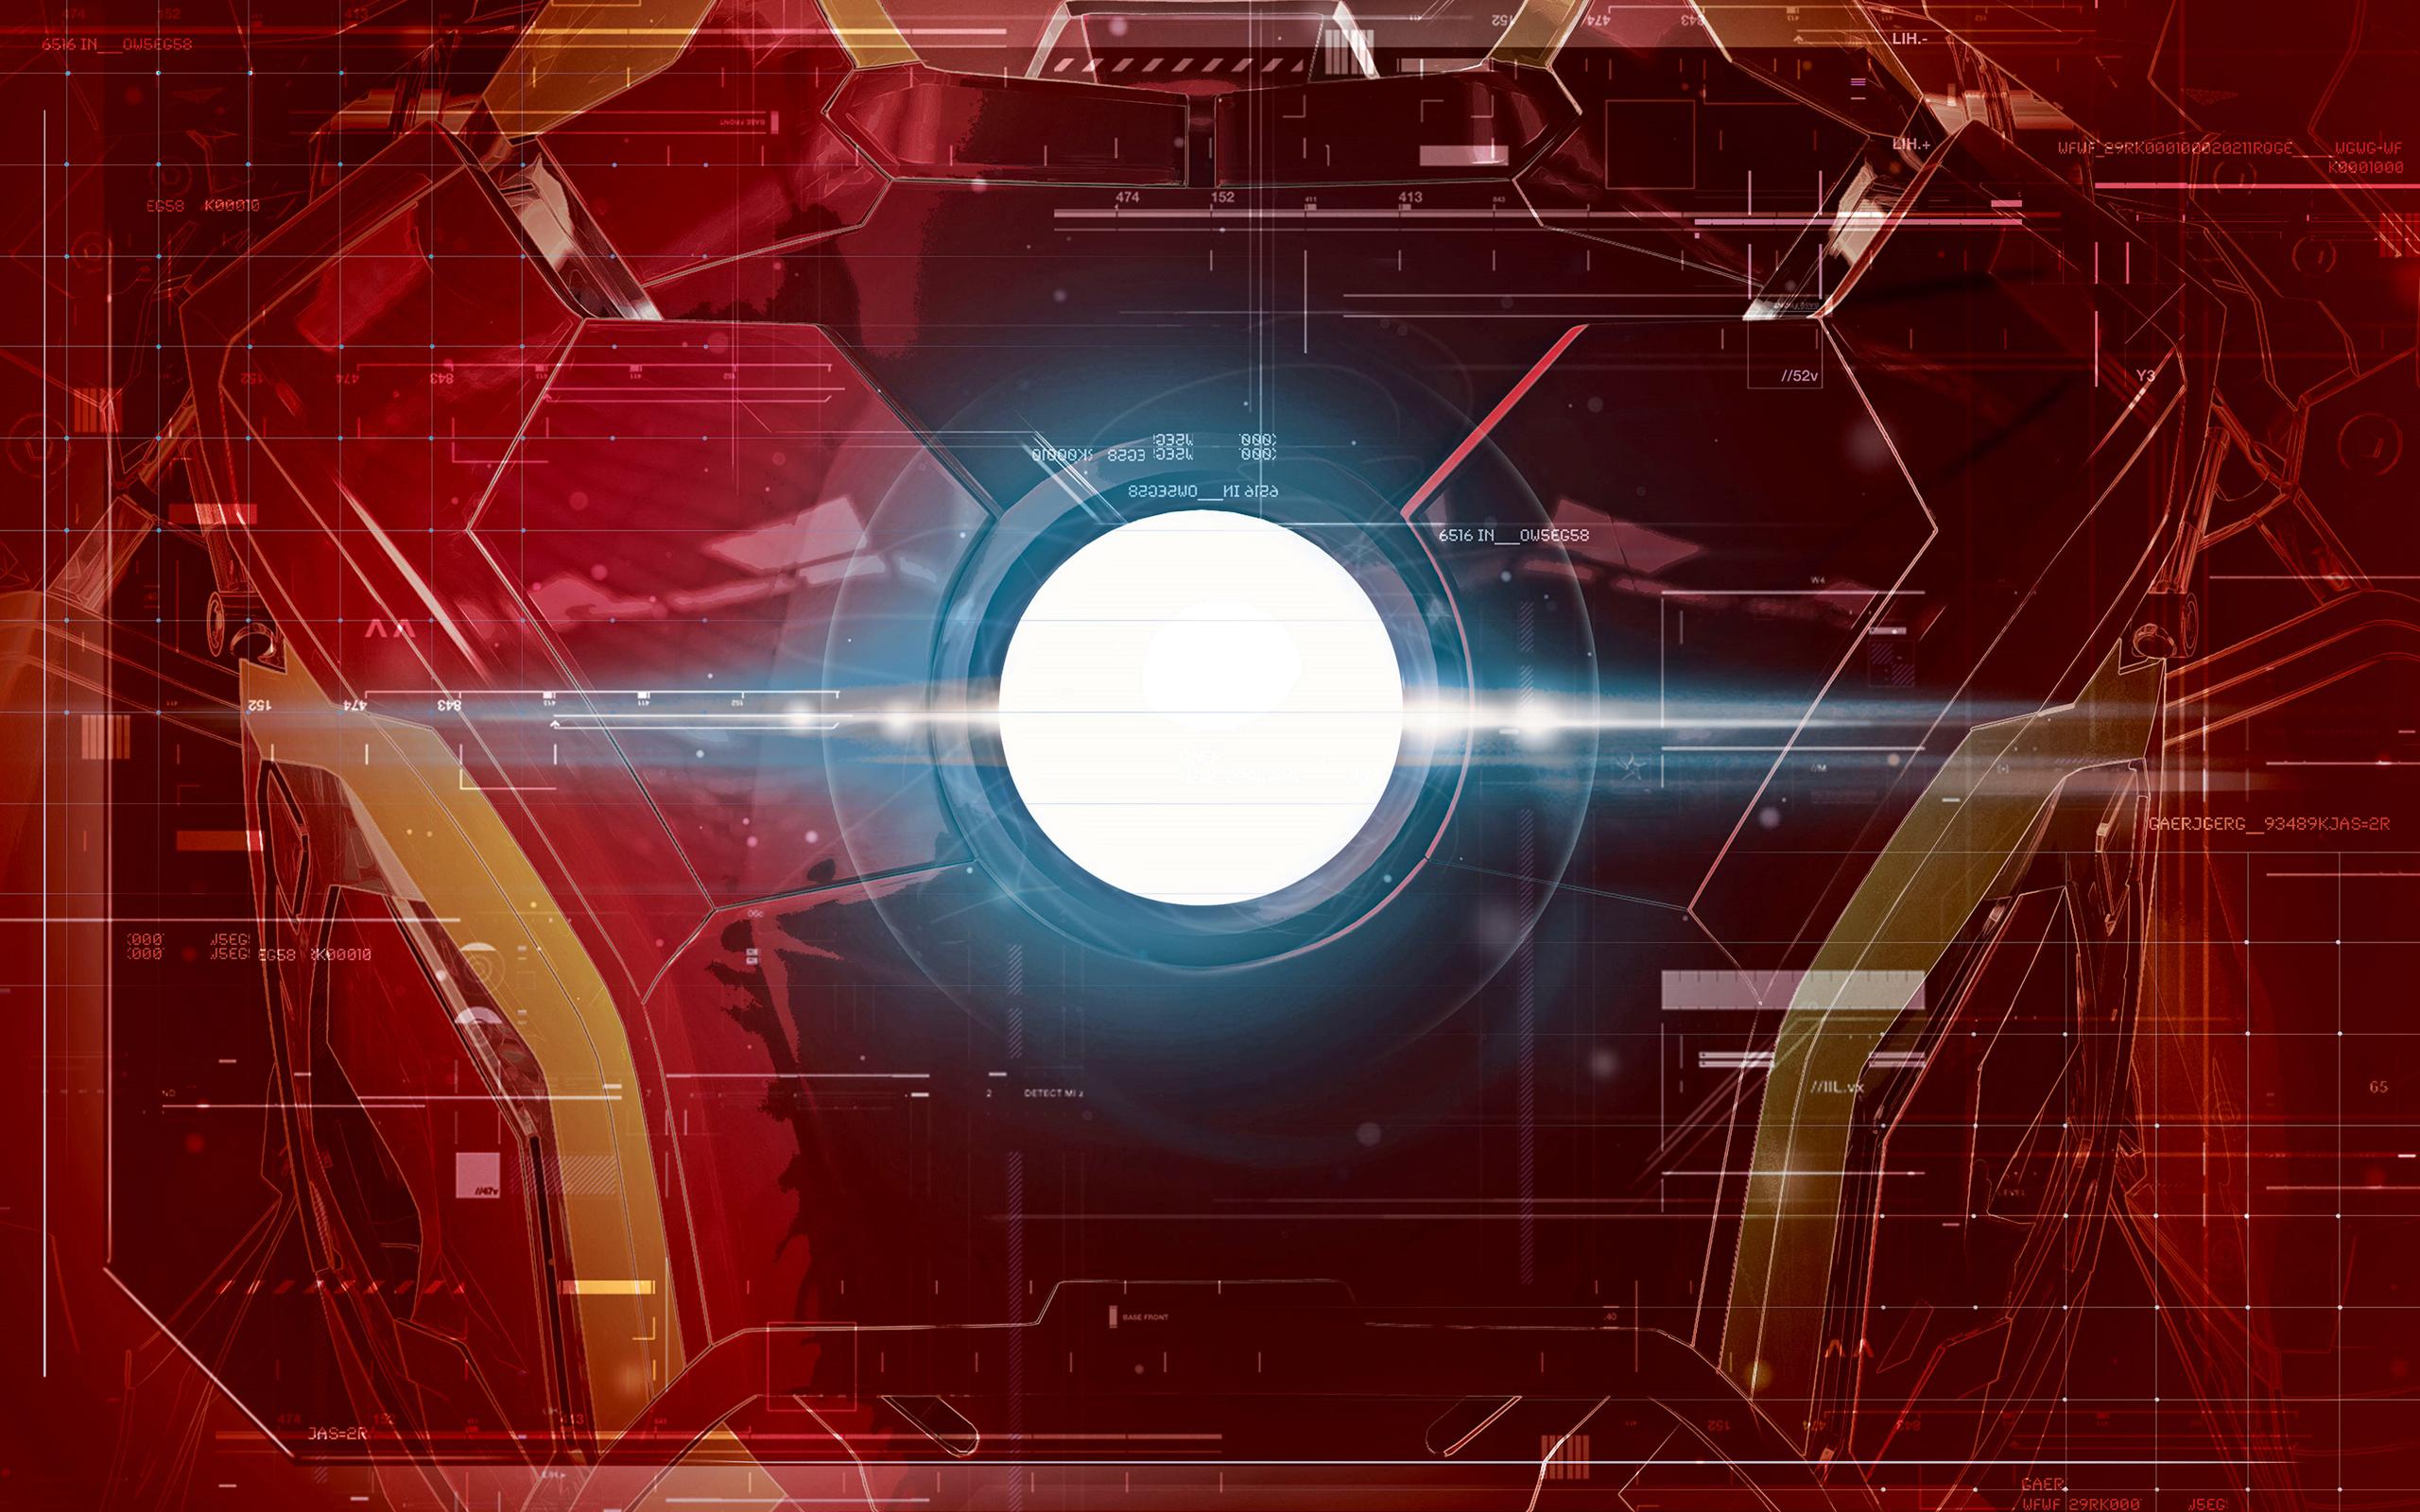 Iron man interface fondo de pantalla hd fondo de - Fondos de pantalla de iron man en 3d ...